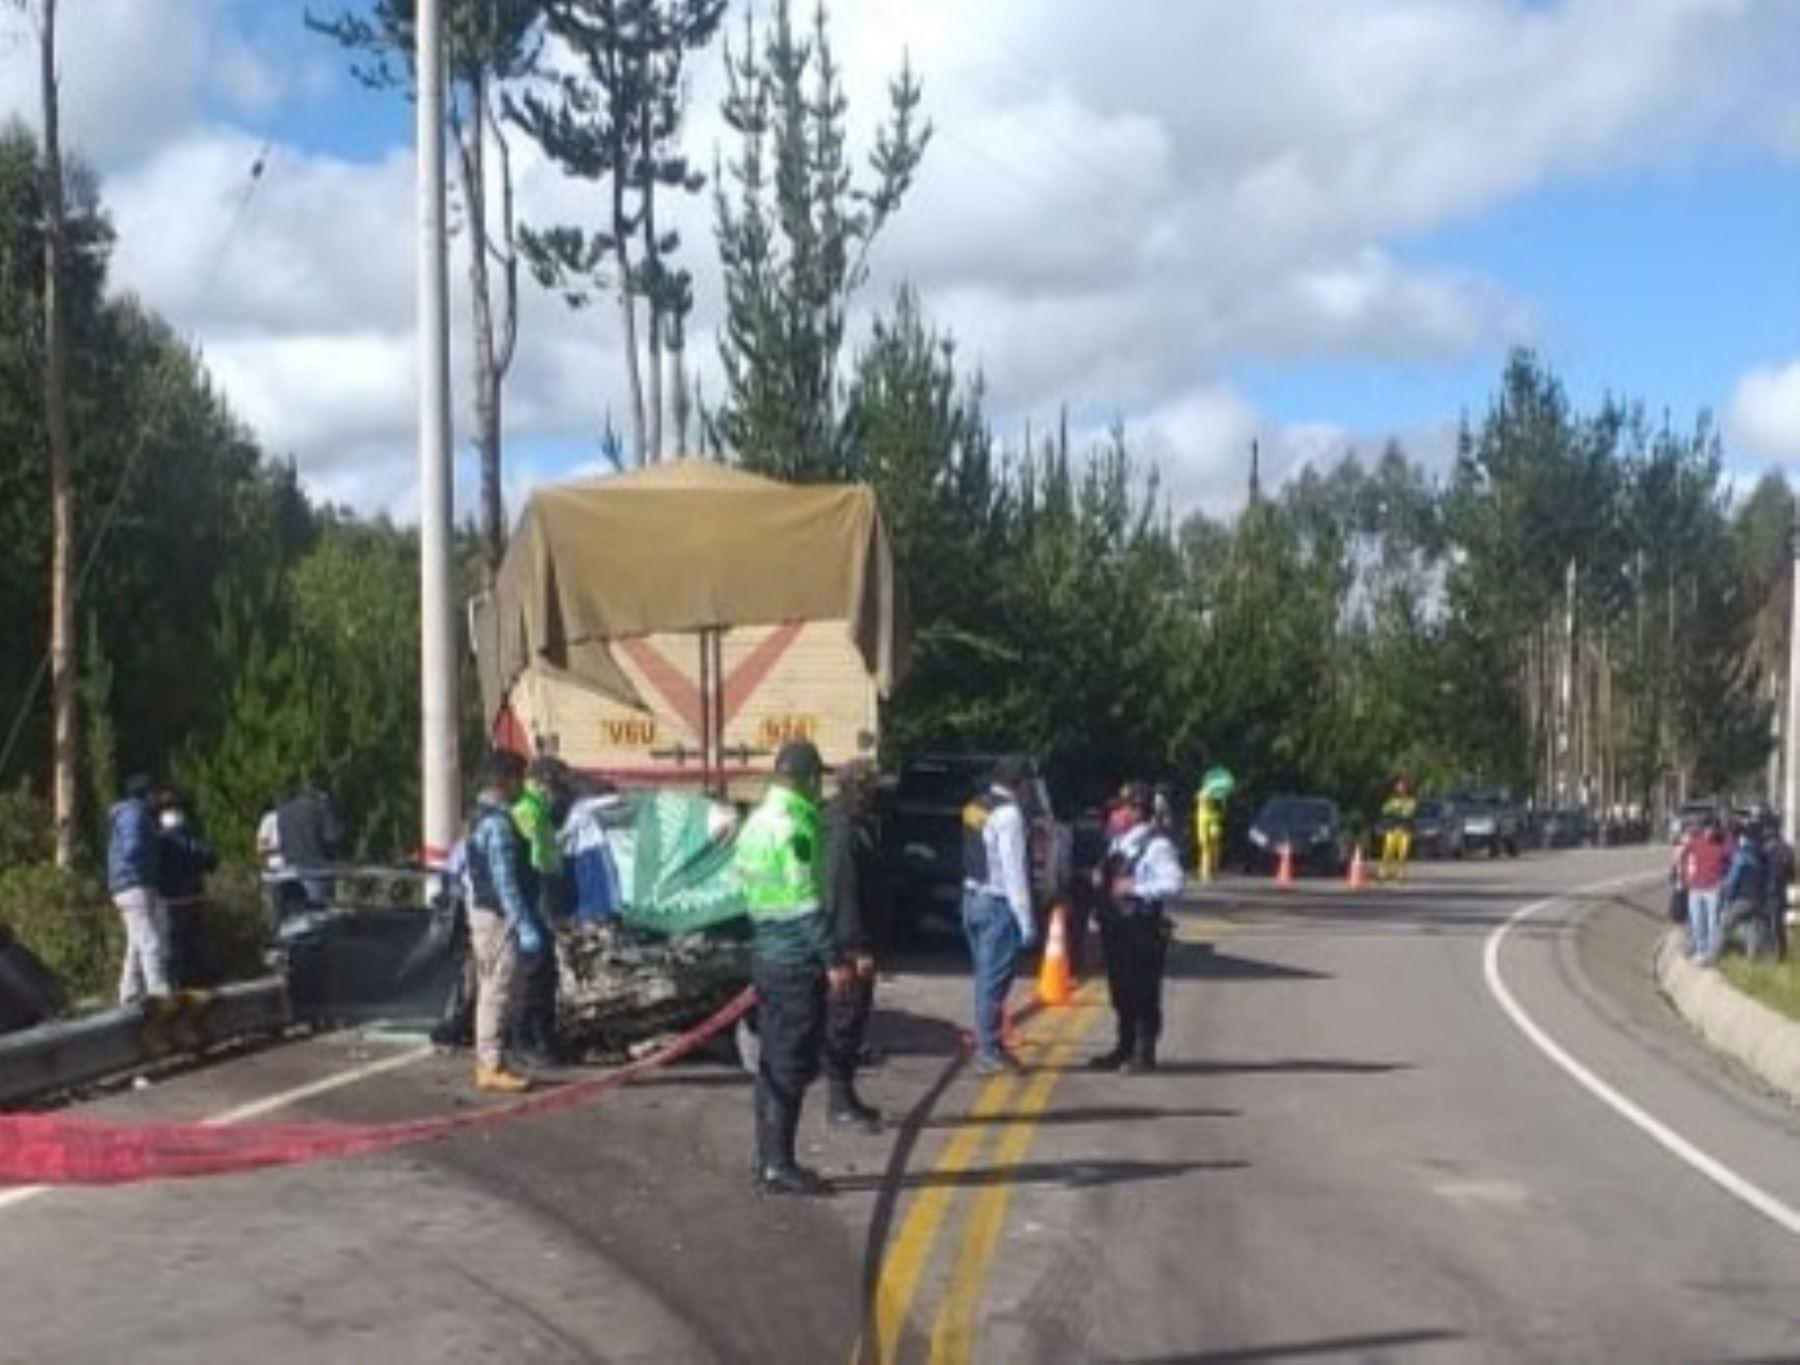 Cuatro personas murieron esta mañana tras chocar el vehículo en el que viajaban en la carretera Interoceánica, región Cusco.